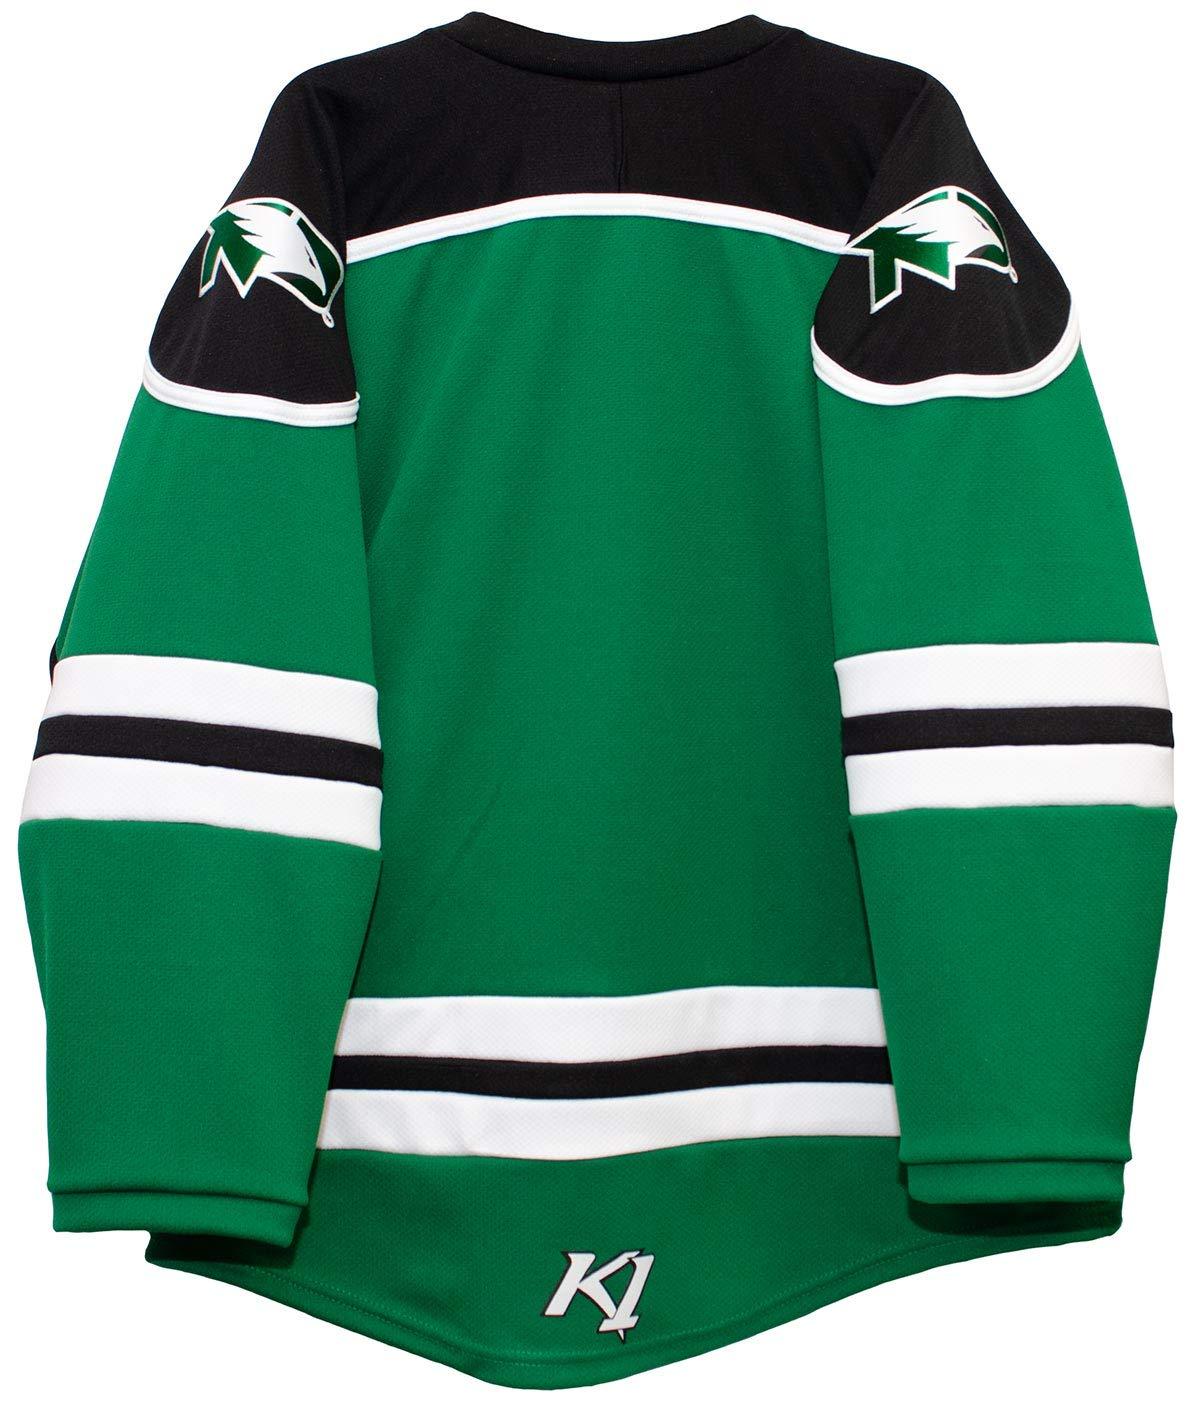 the best attitude fcede 7a3bc K1 Sportswear North Dakota Fighting Hawks Men's Hockey Jersey